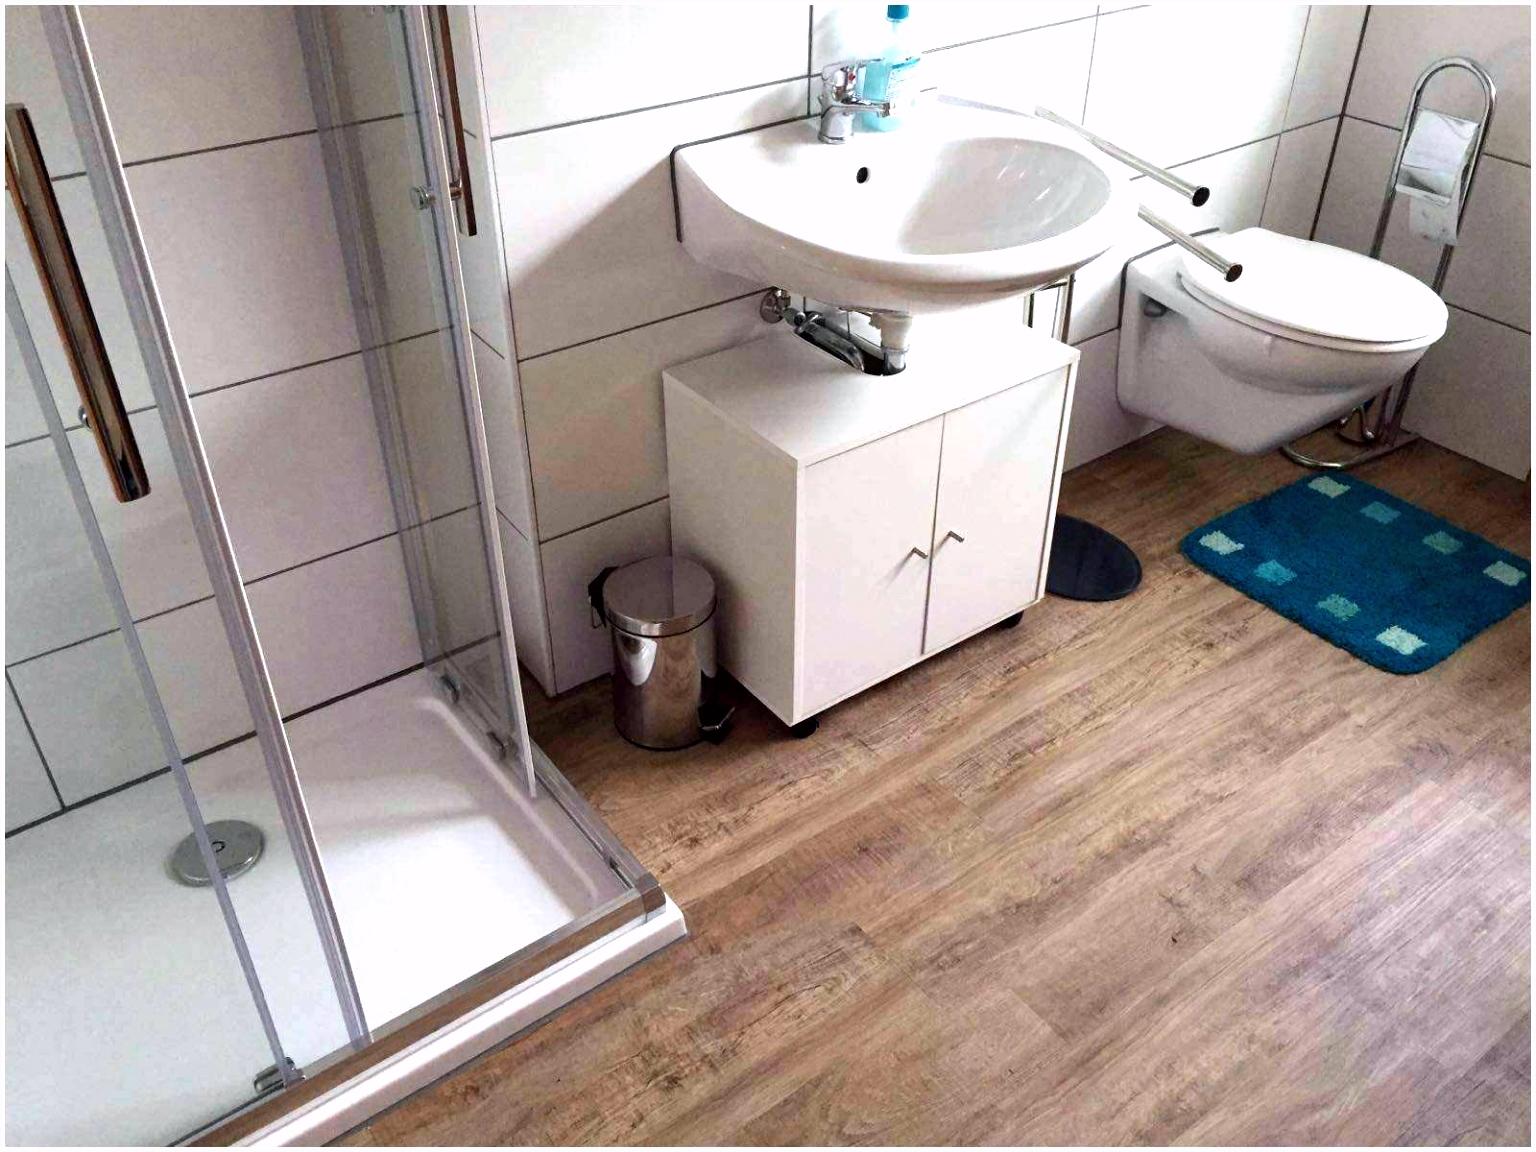 Wc Vorlage Beau Pvc Boden Pvc Badezimmer 0d Inspiration Von Fliesen Boden Bad E3ft56zee6 U5pchuwckm